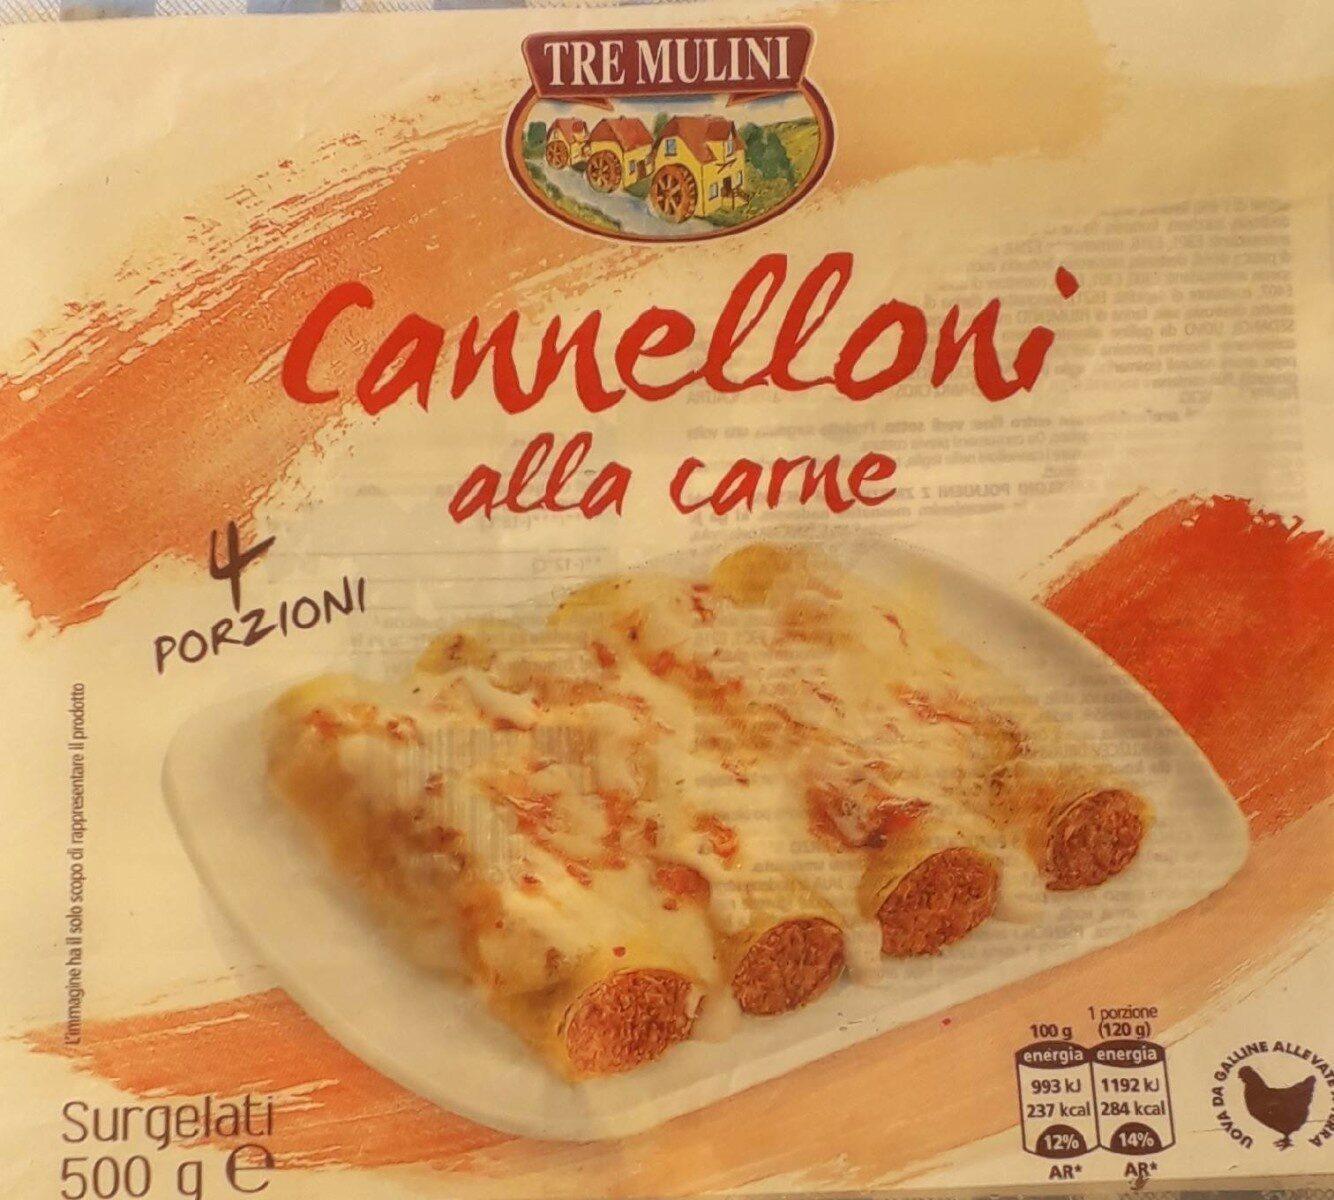 Cannelloni di carne - Product - it